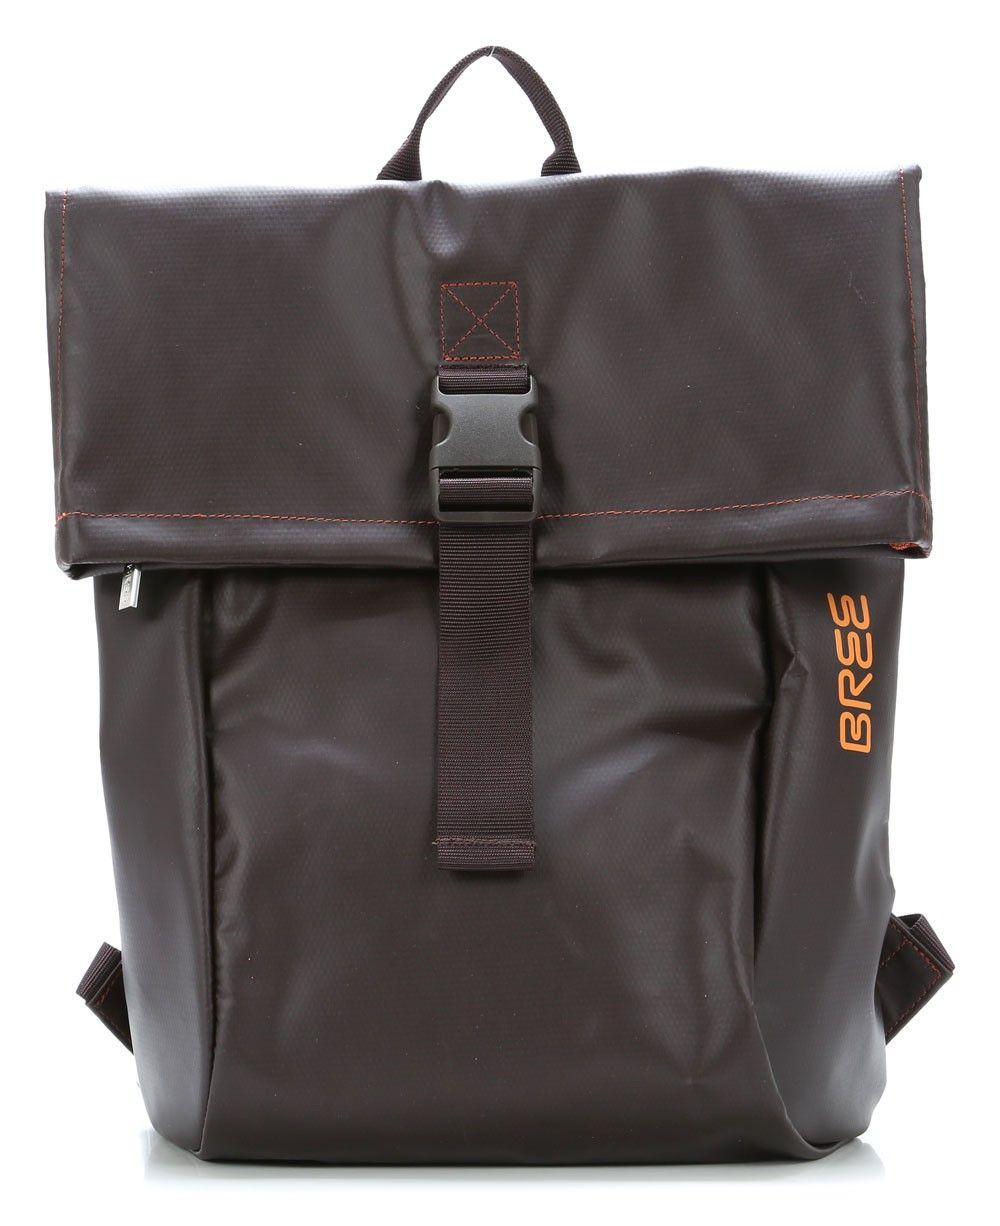 Wardow Com Bree Punch 92 Rucksack Braun 40 Cm Taschen Leder Kuriertaschen Und Aktentaschen